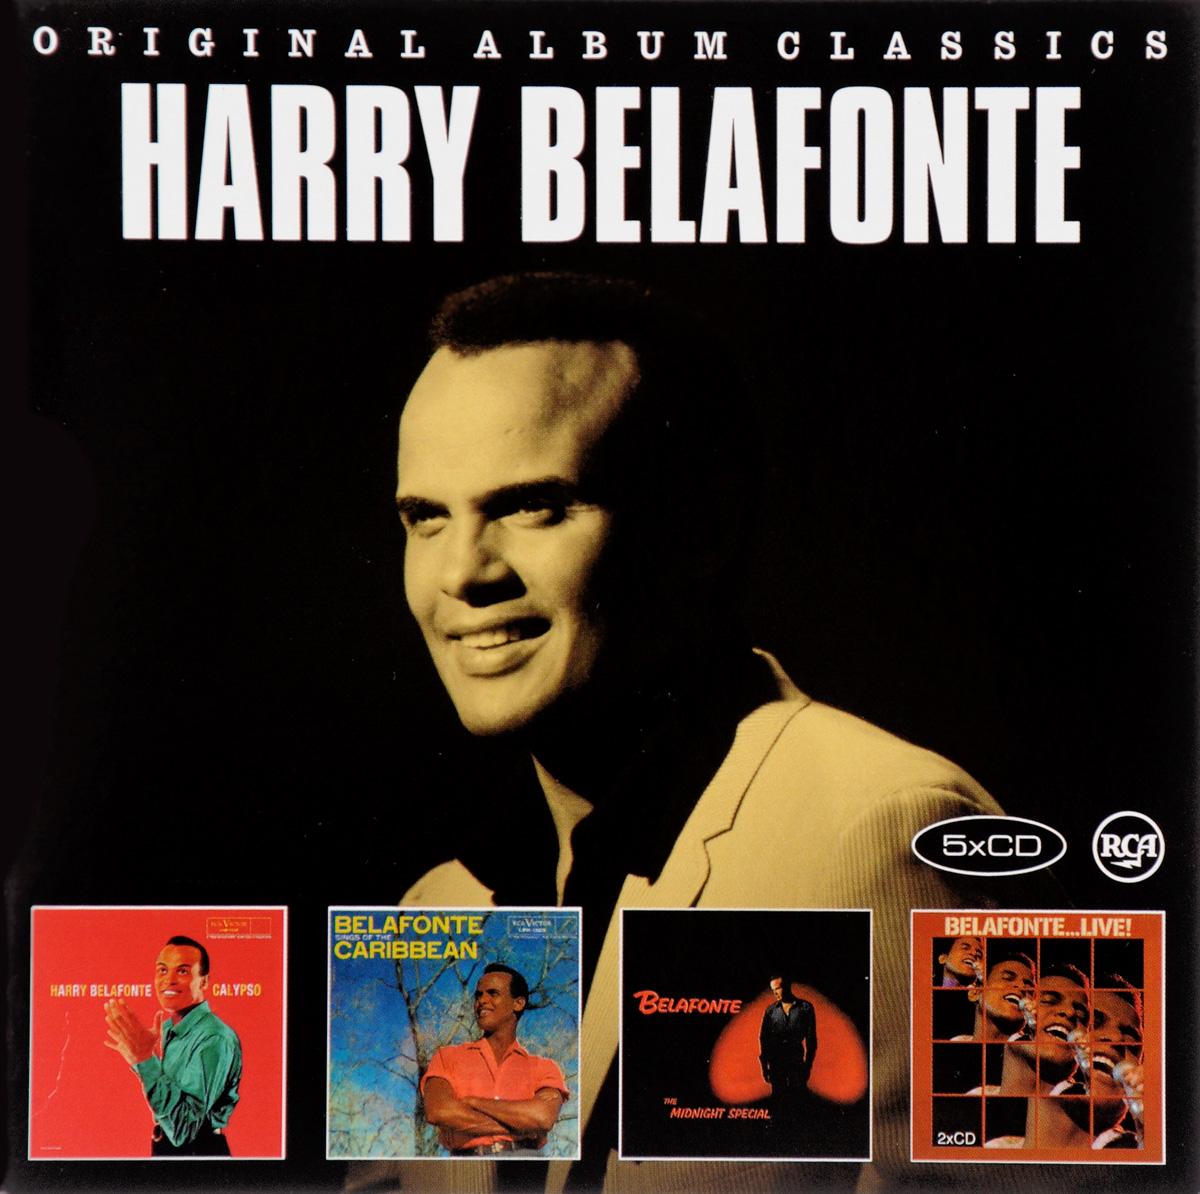 Гарри Белафонте Harry Belafonte. Original Album Classics (5 CD) цена и фото